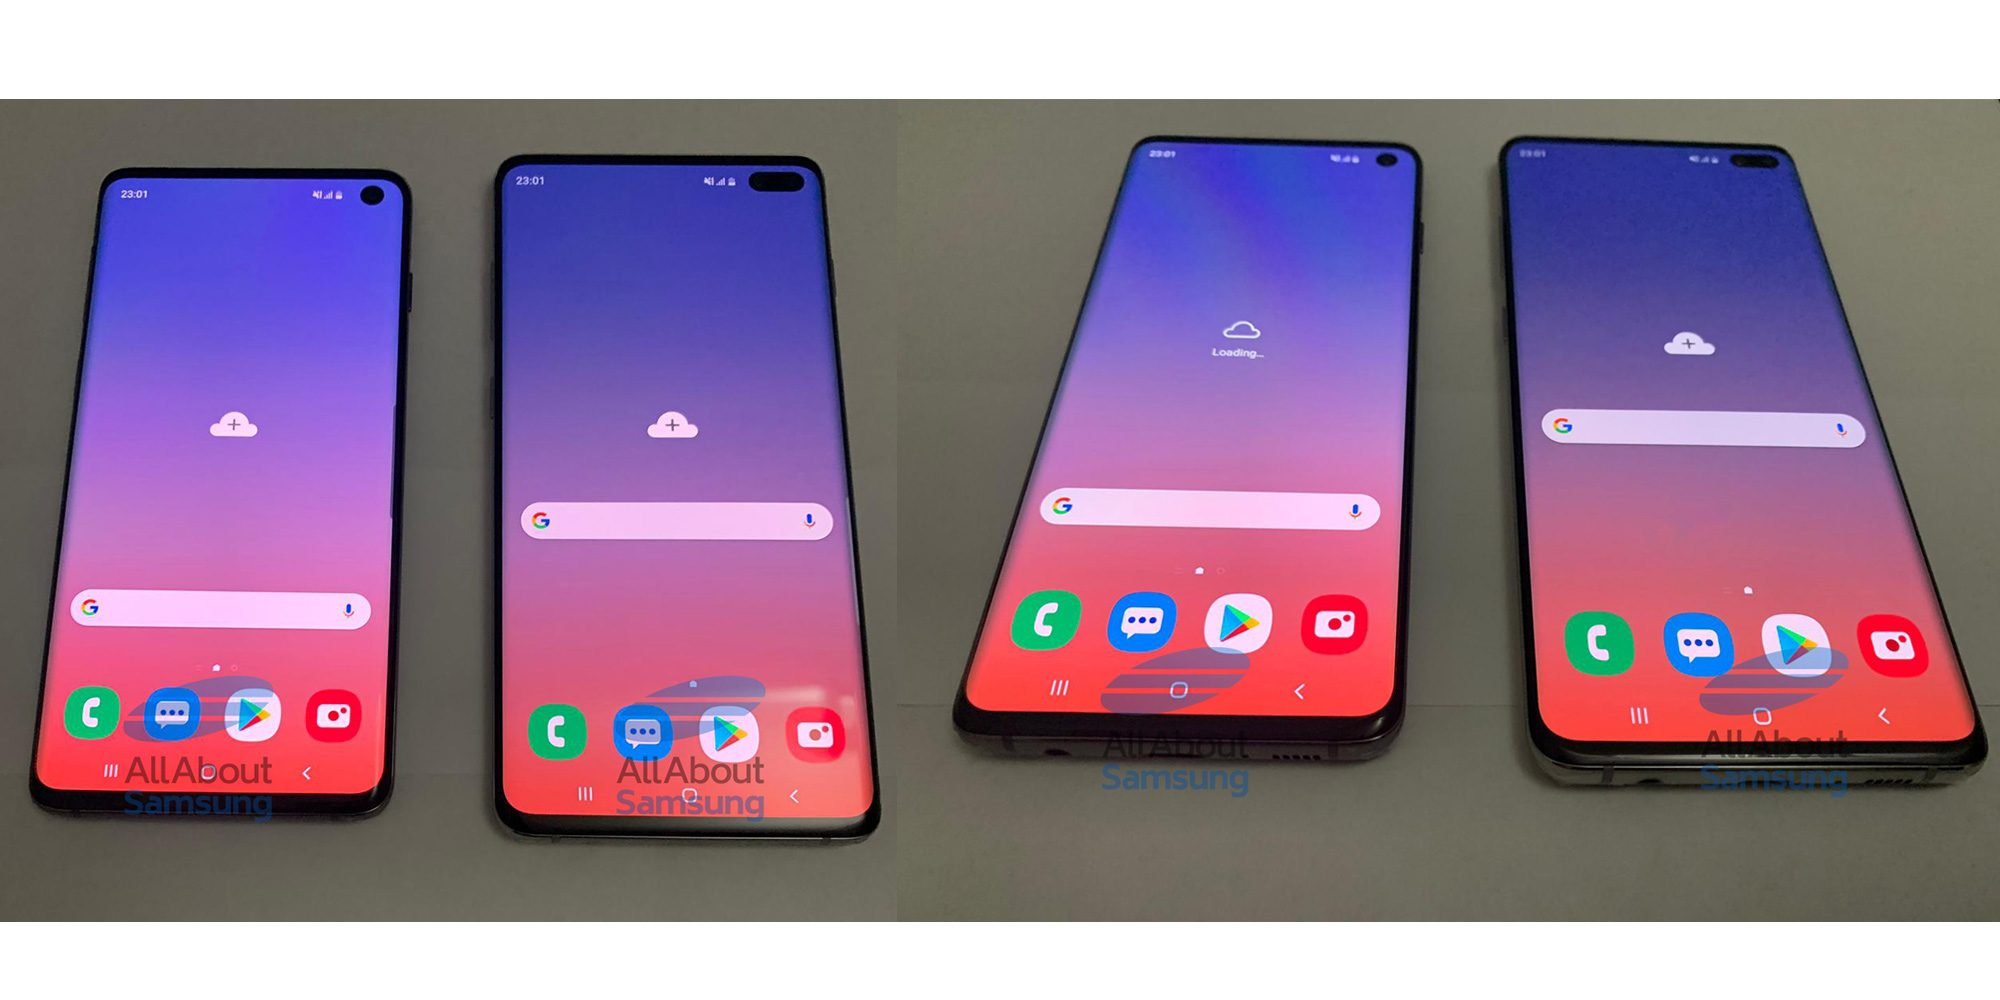 Une fuite qui montre les Samsung Galaxy S10 et S10 Plus dans toute leur splendeur